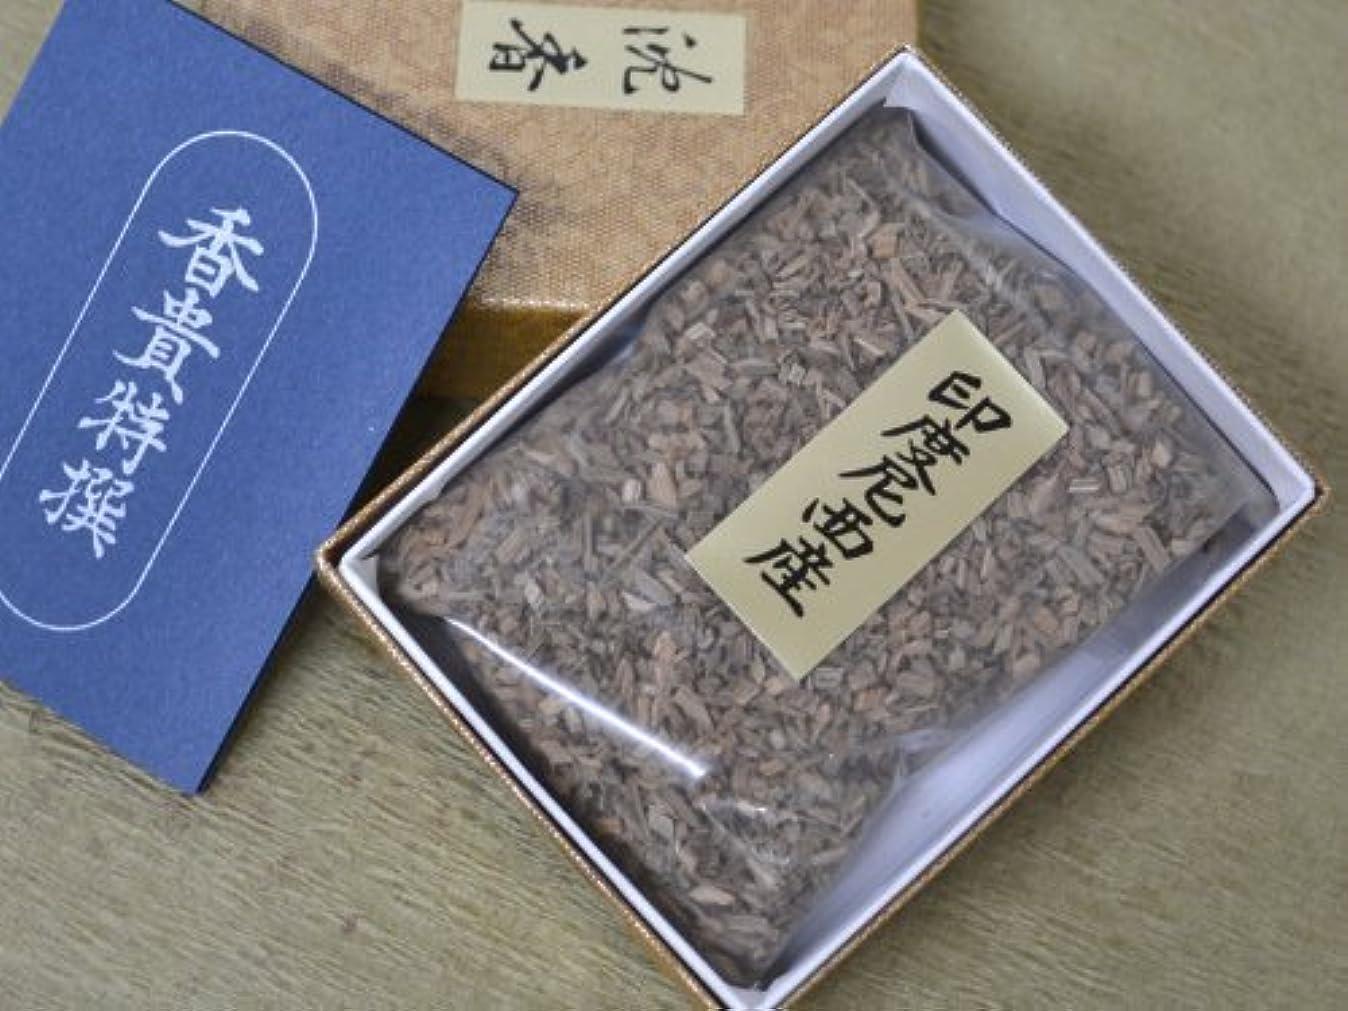 メルボルンギャング農奴香木 お焼香 インドネシア産 沈香 【最高級品】 18g